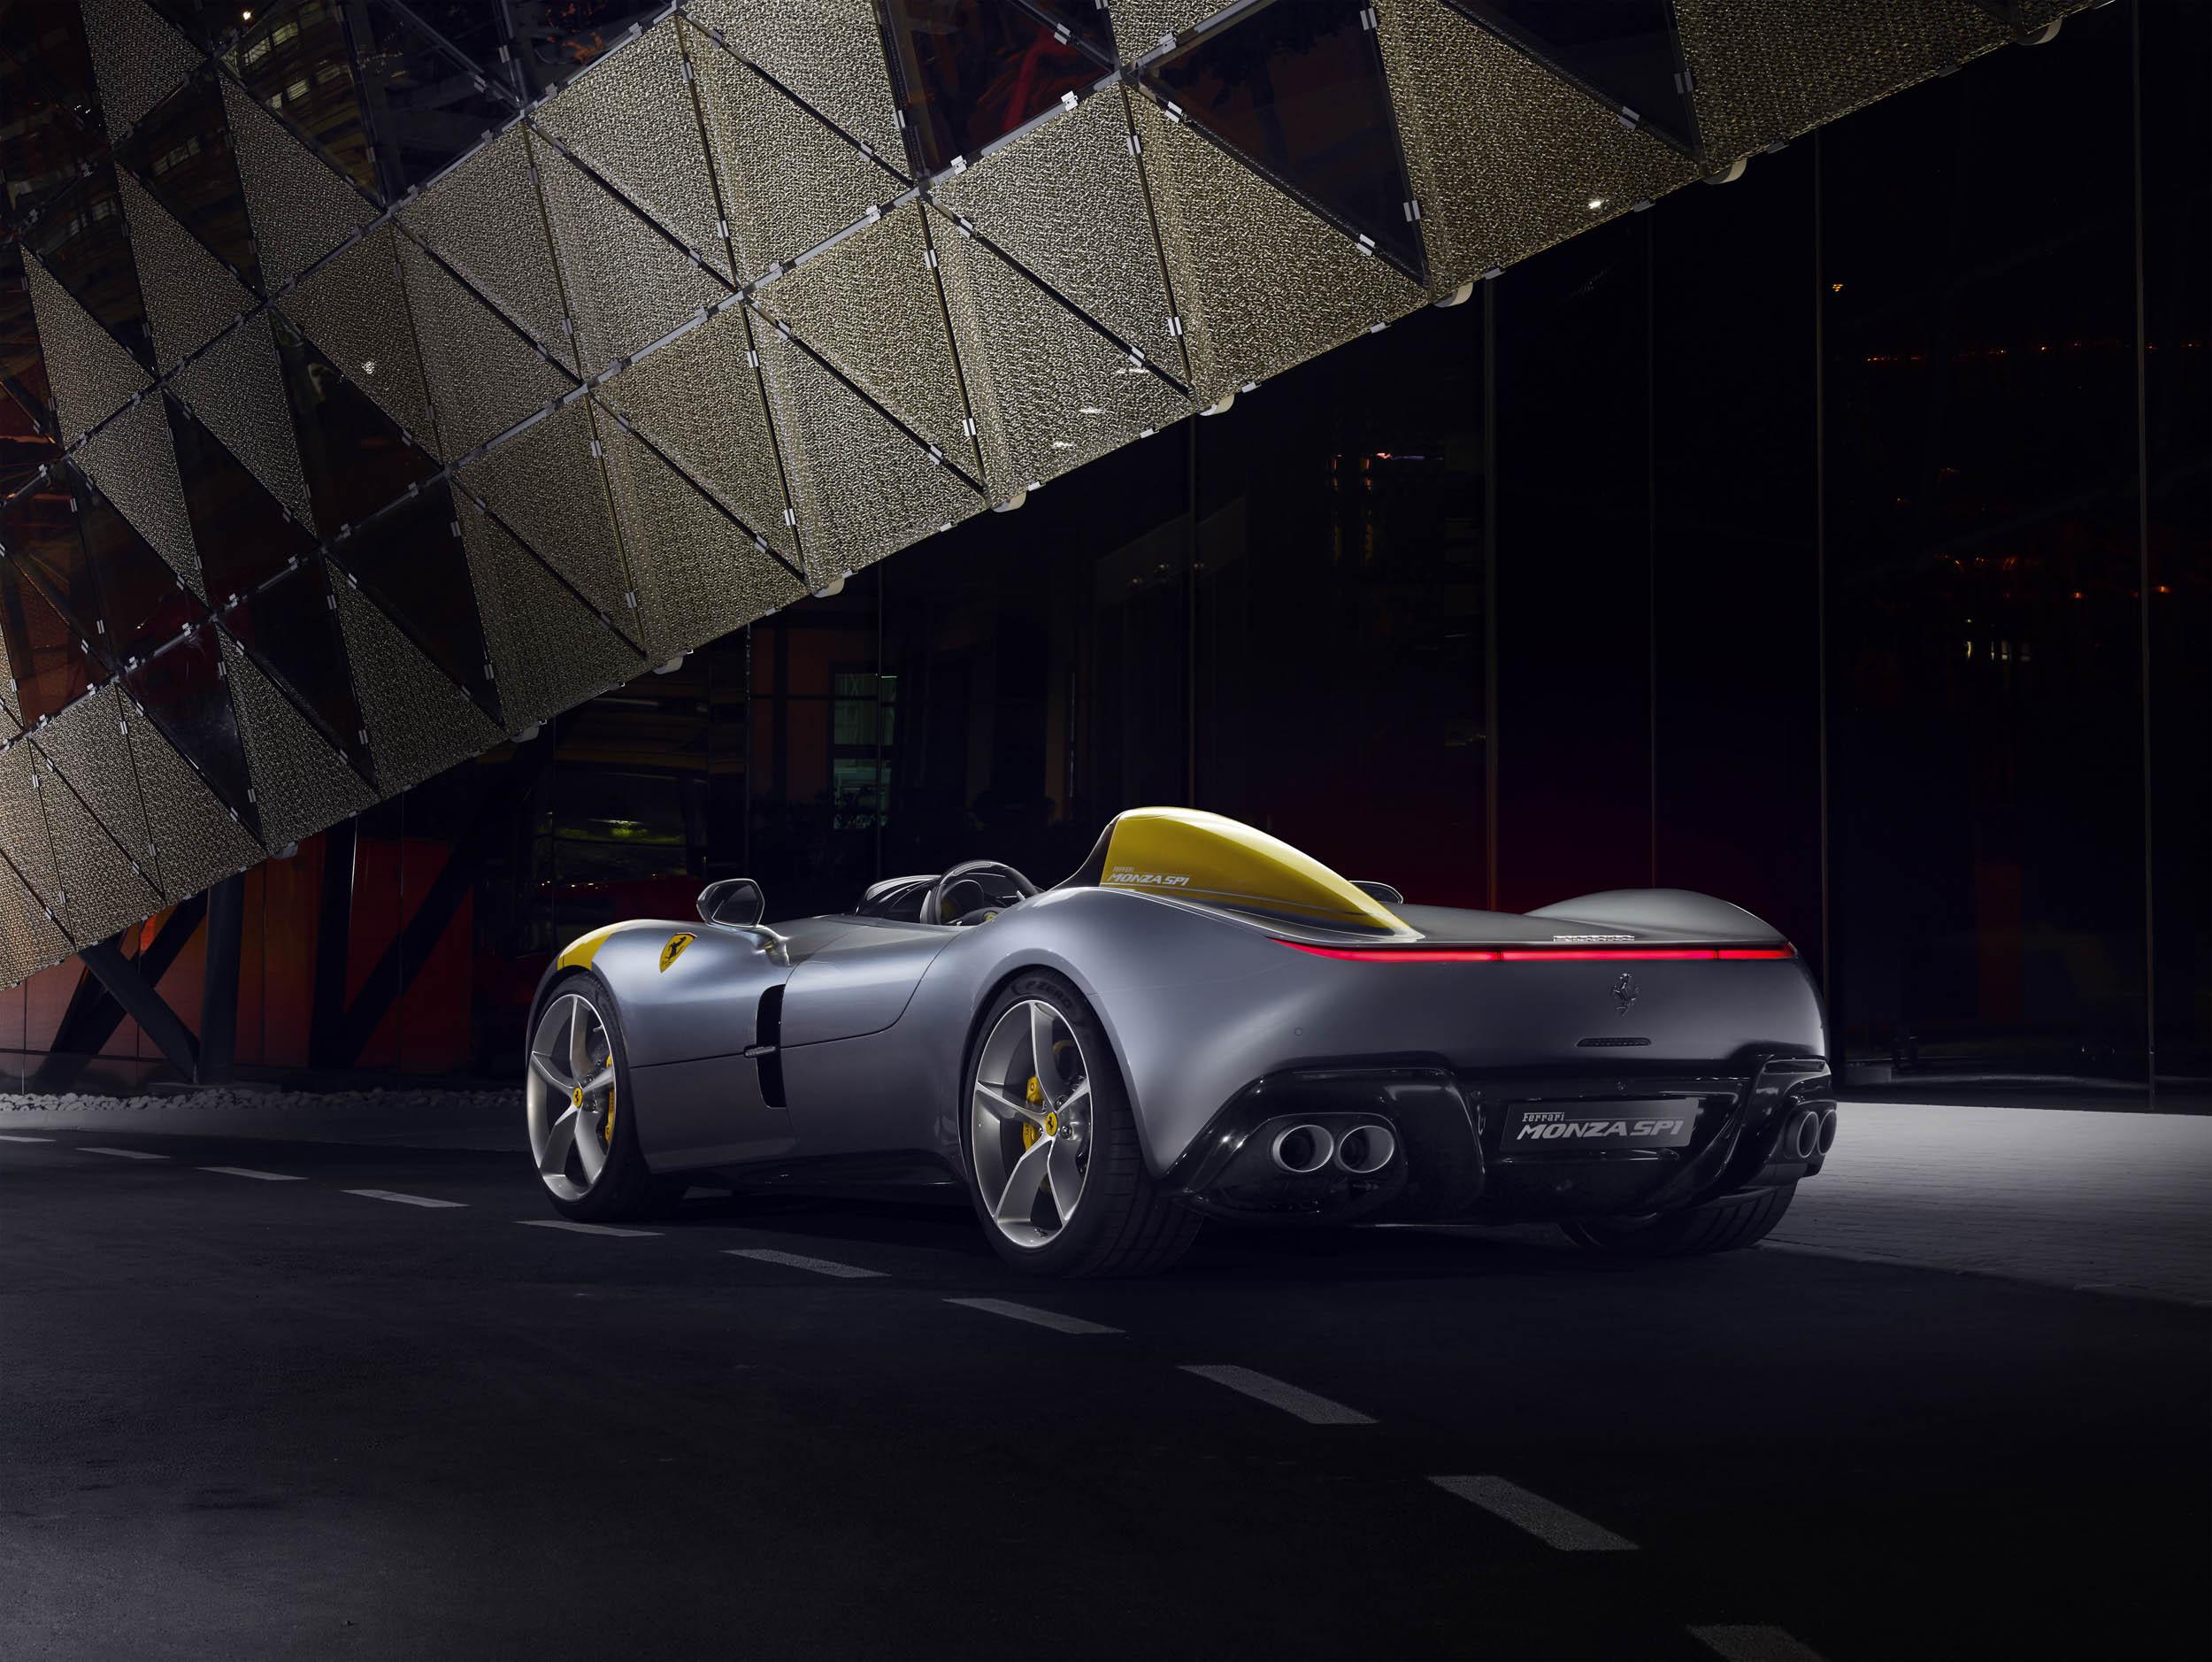 Ferrari Monza SP1 rear 3/4